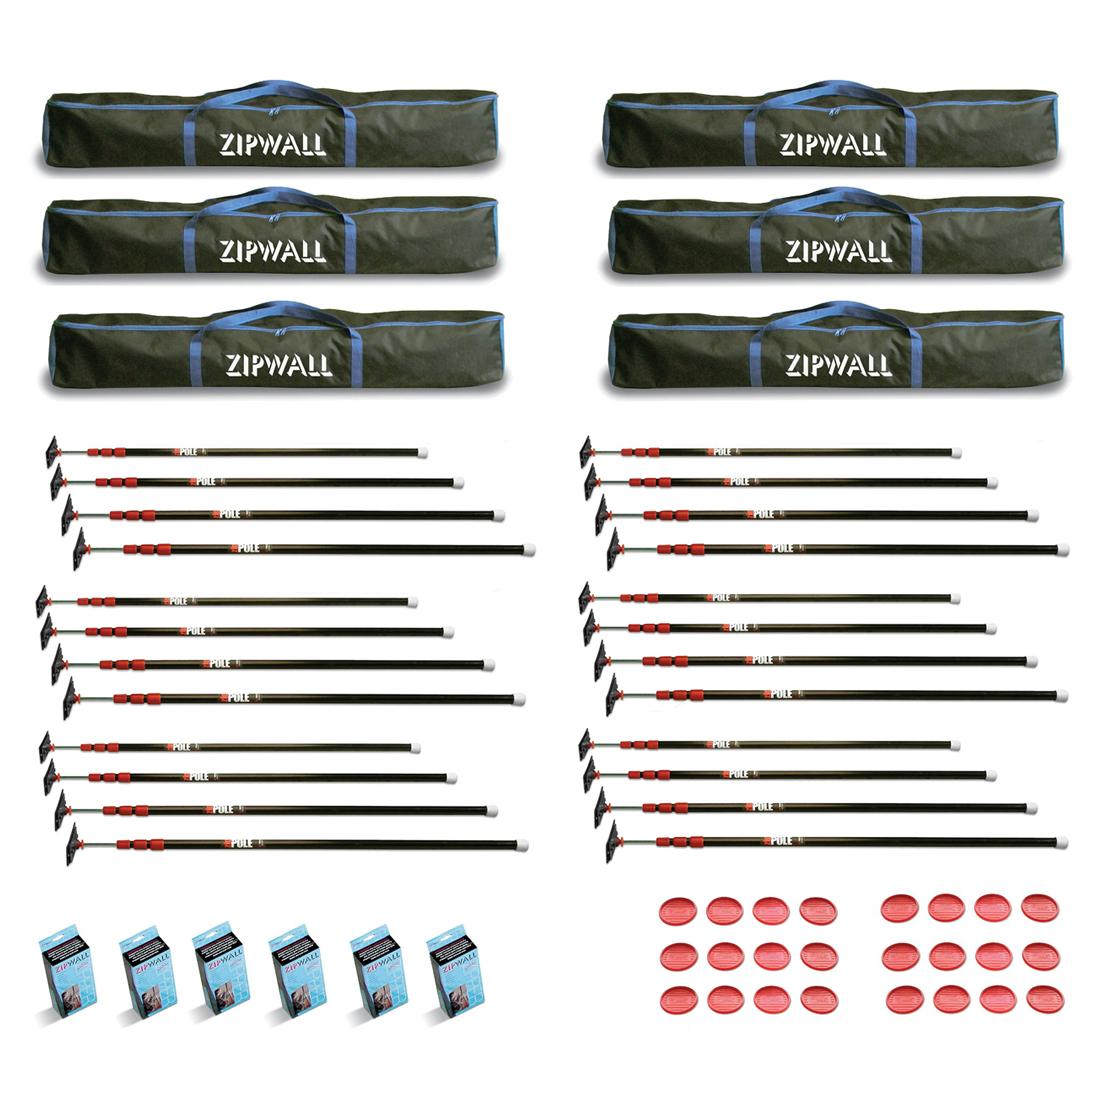 Zipwall Zp4 10 Feet Spring Loaded Stainless Steel Pole Kit